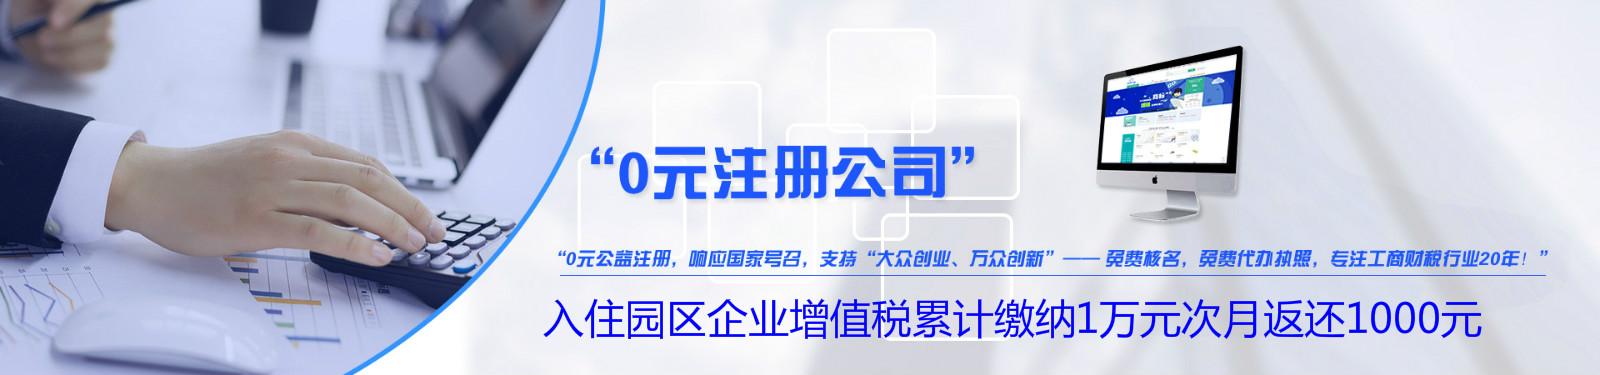 武清0元注册公司、免费提供注册地址、享受园区高额税收返还政策